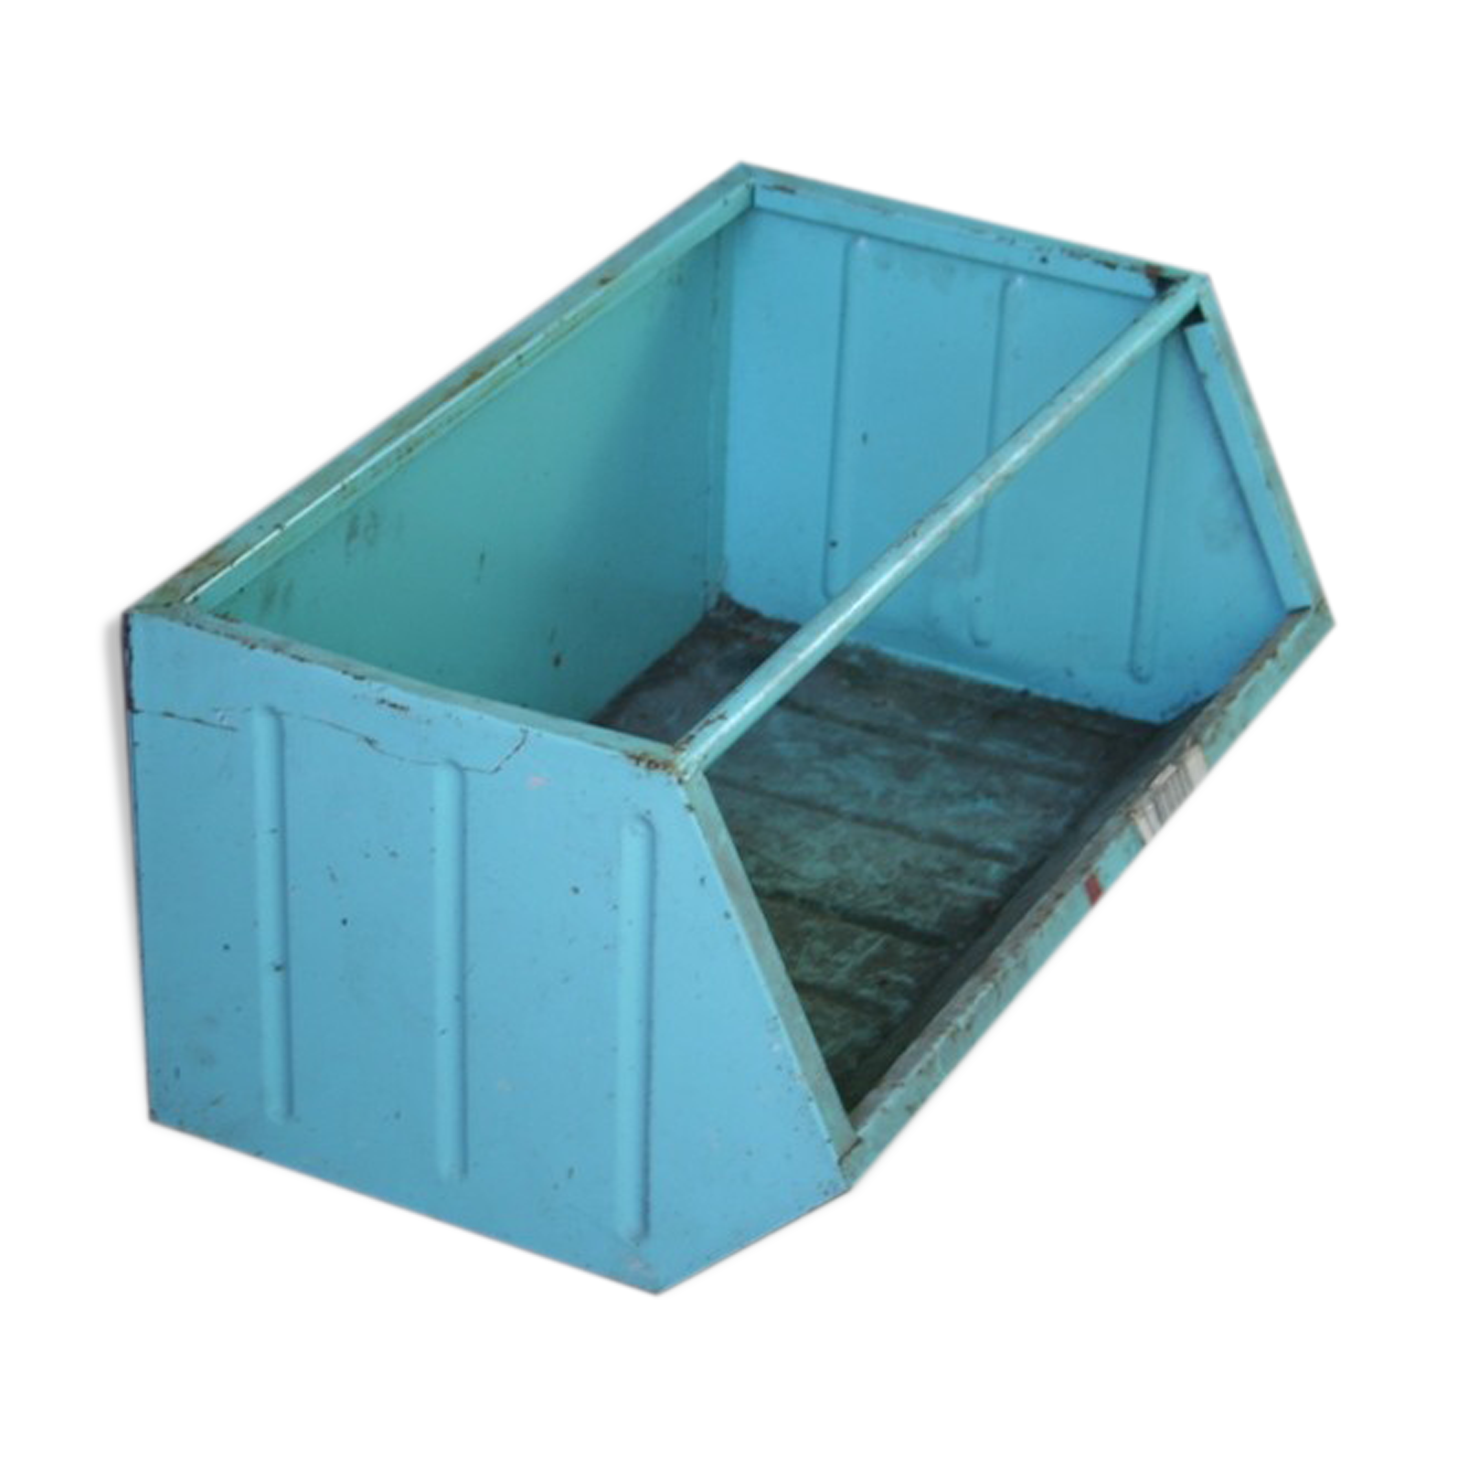 Bac à bec casier de rangement empilable métallique 1950